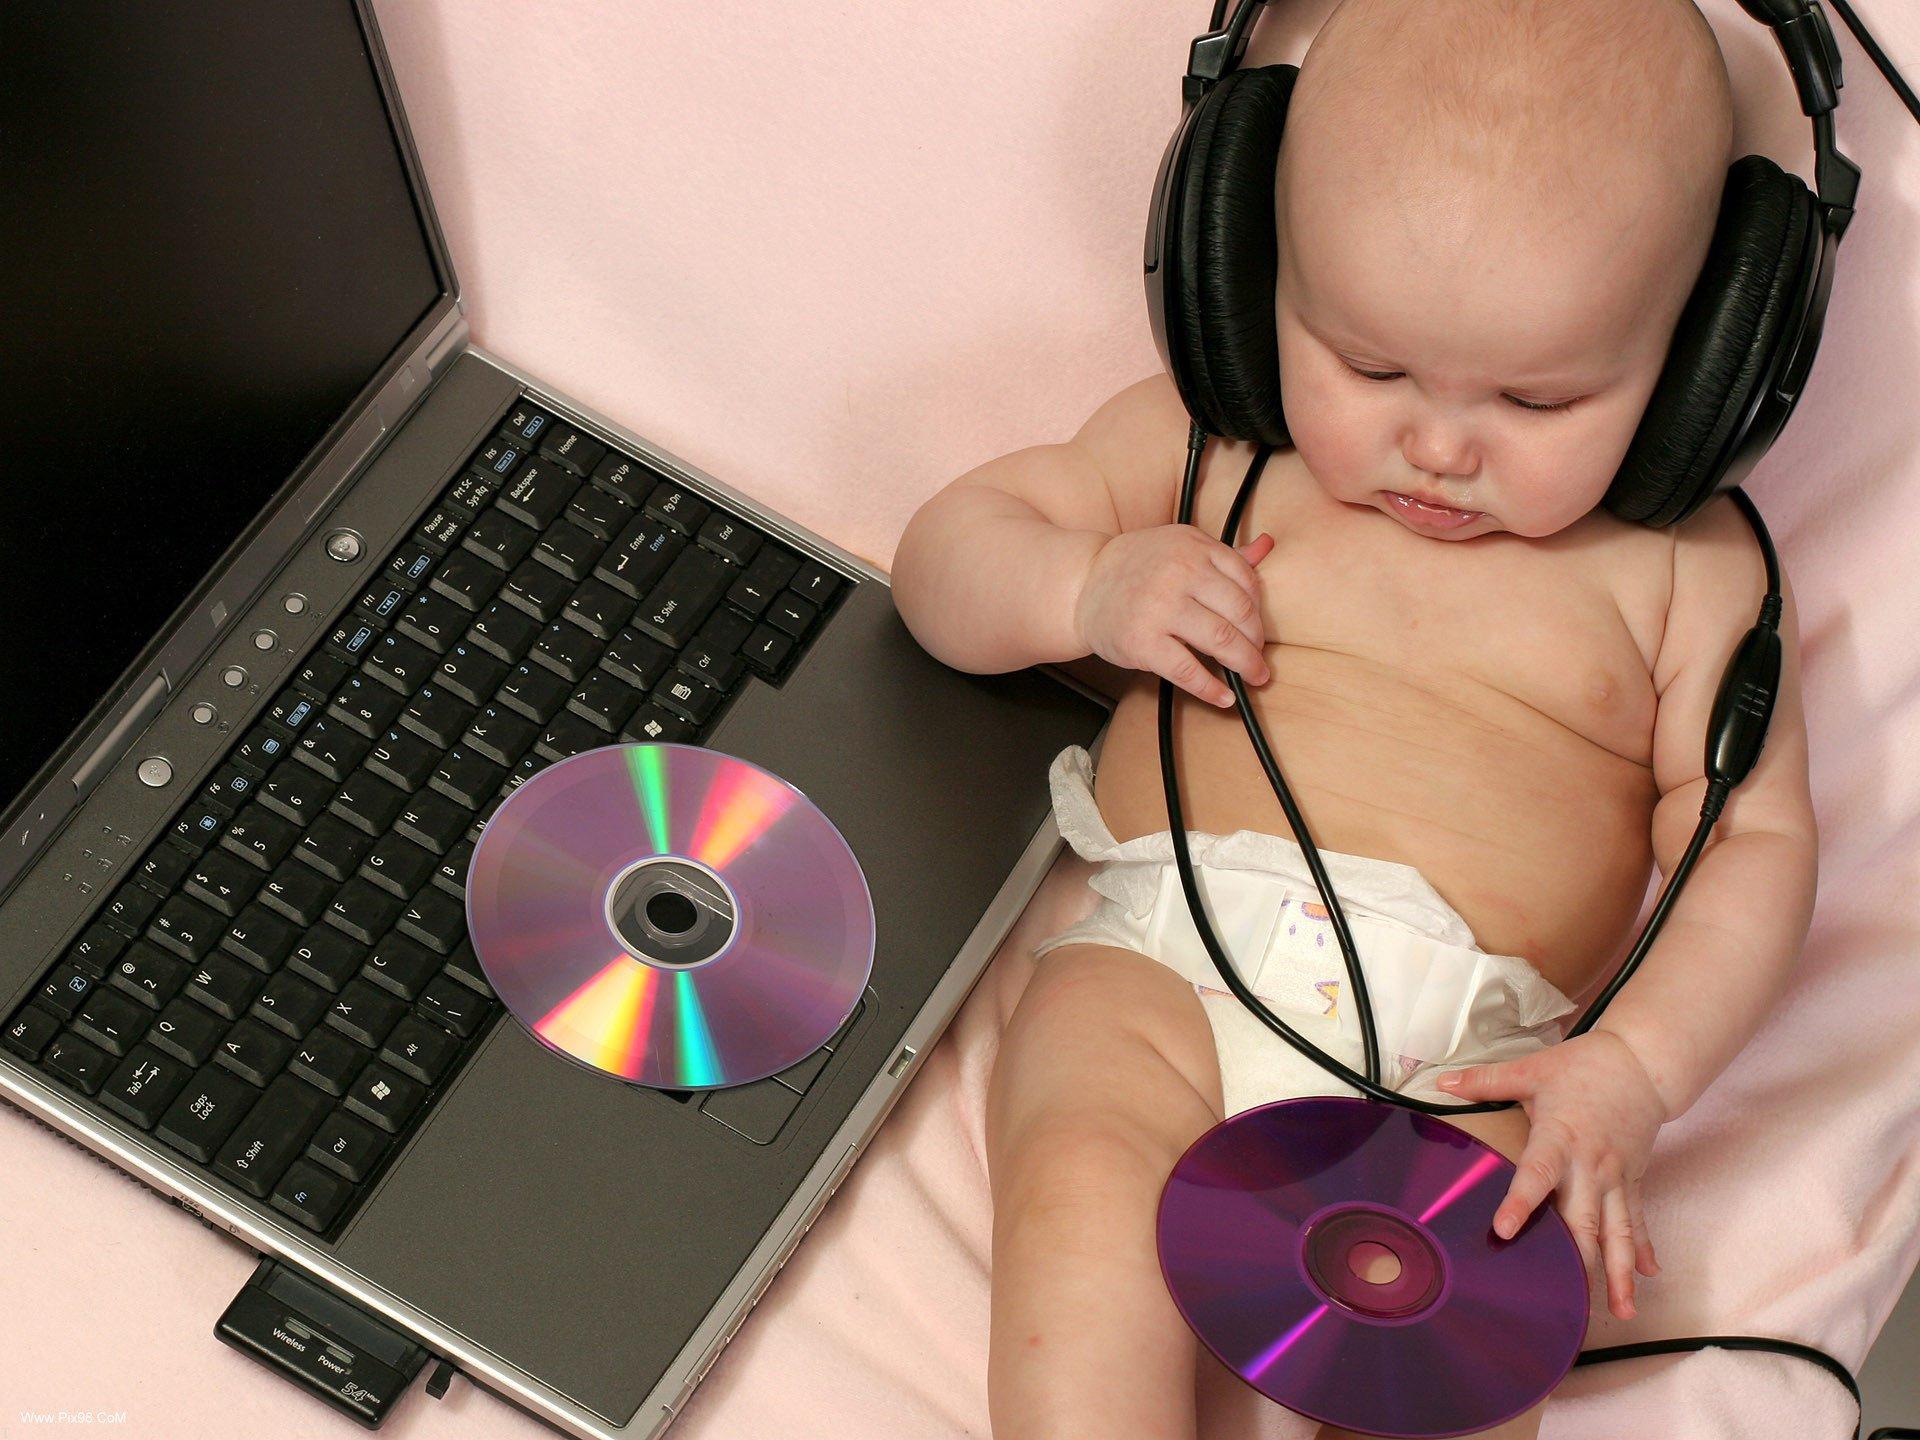 عکس های زیباترین نوزادان جهان | عکس نوزاد زیبا و گوگولی